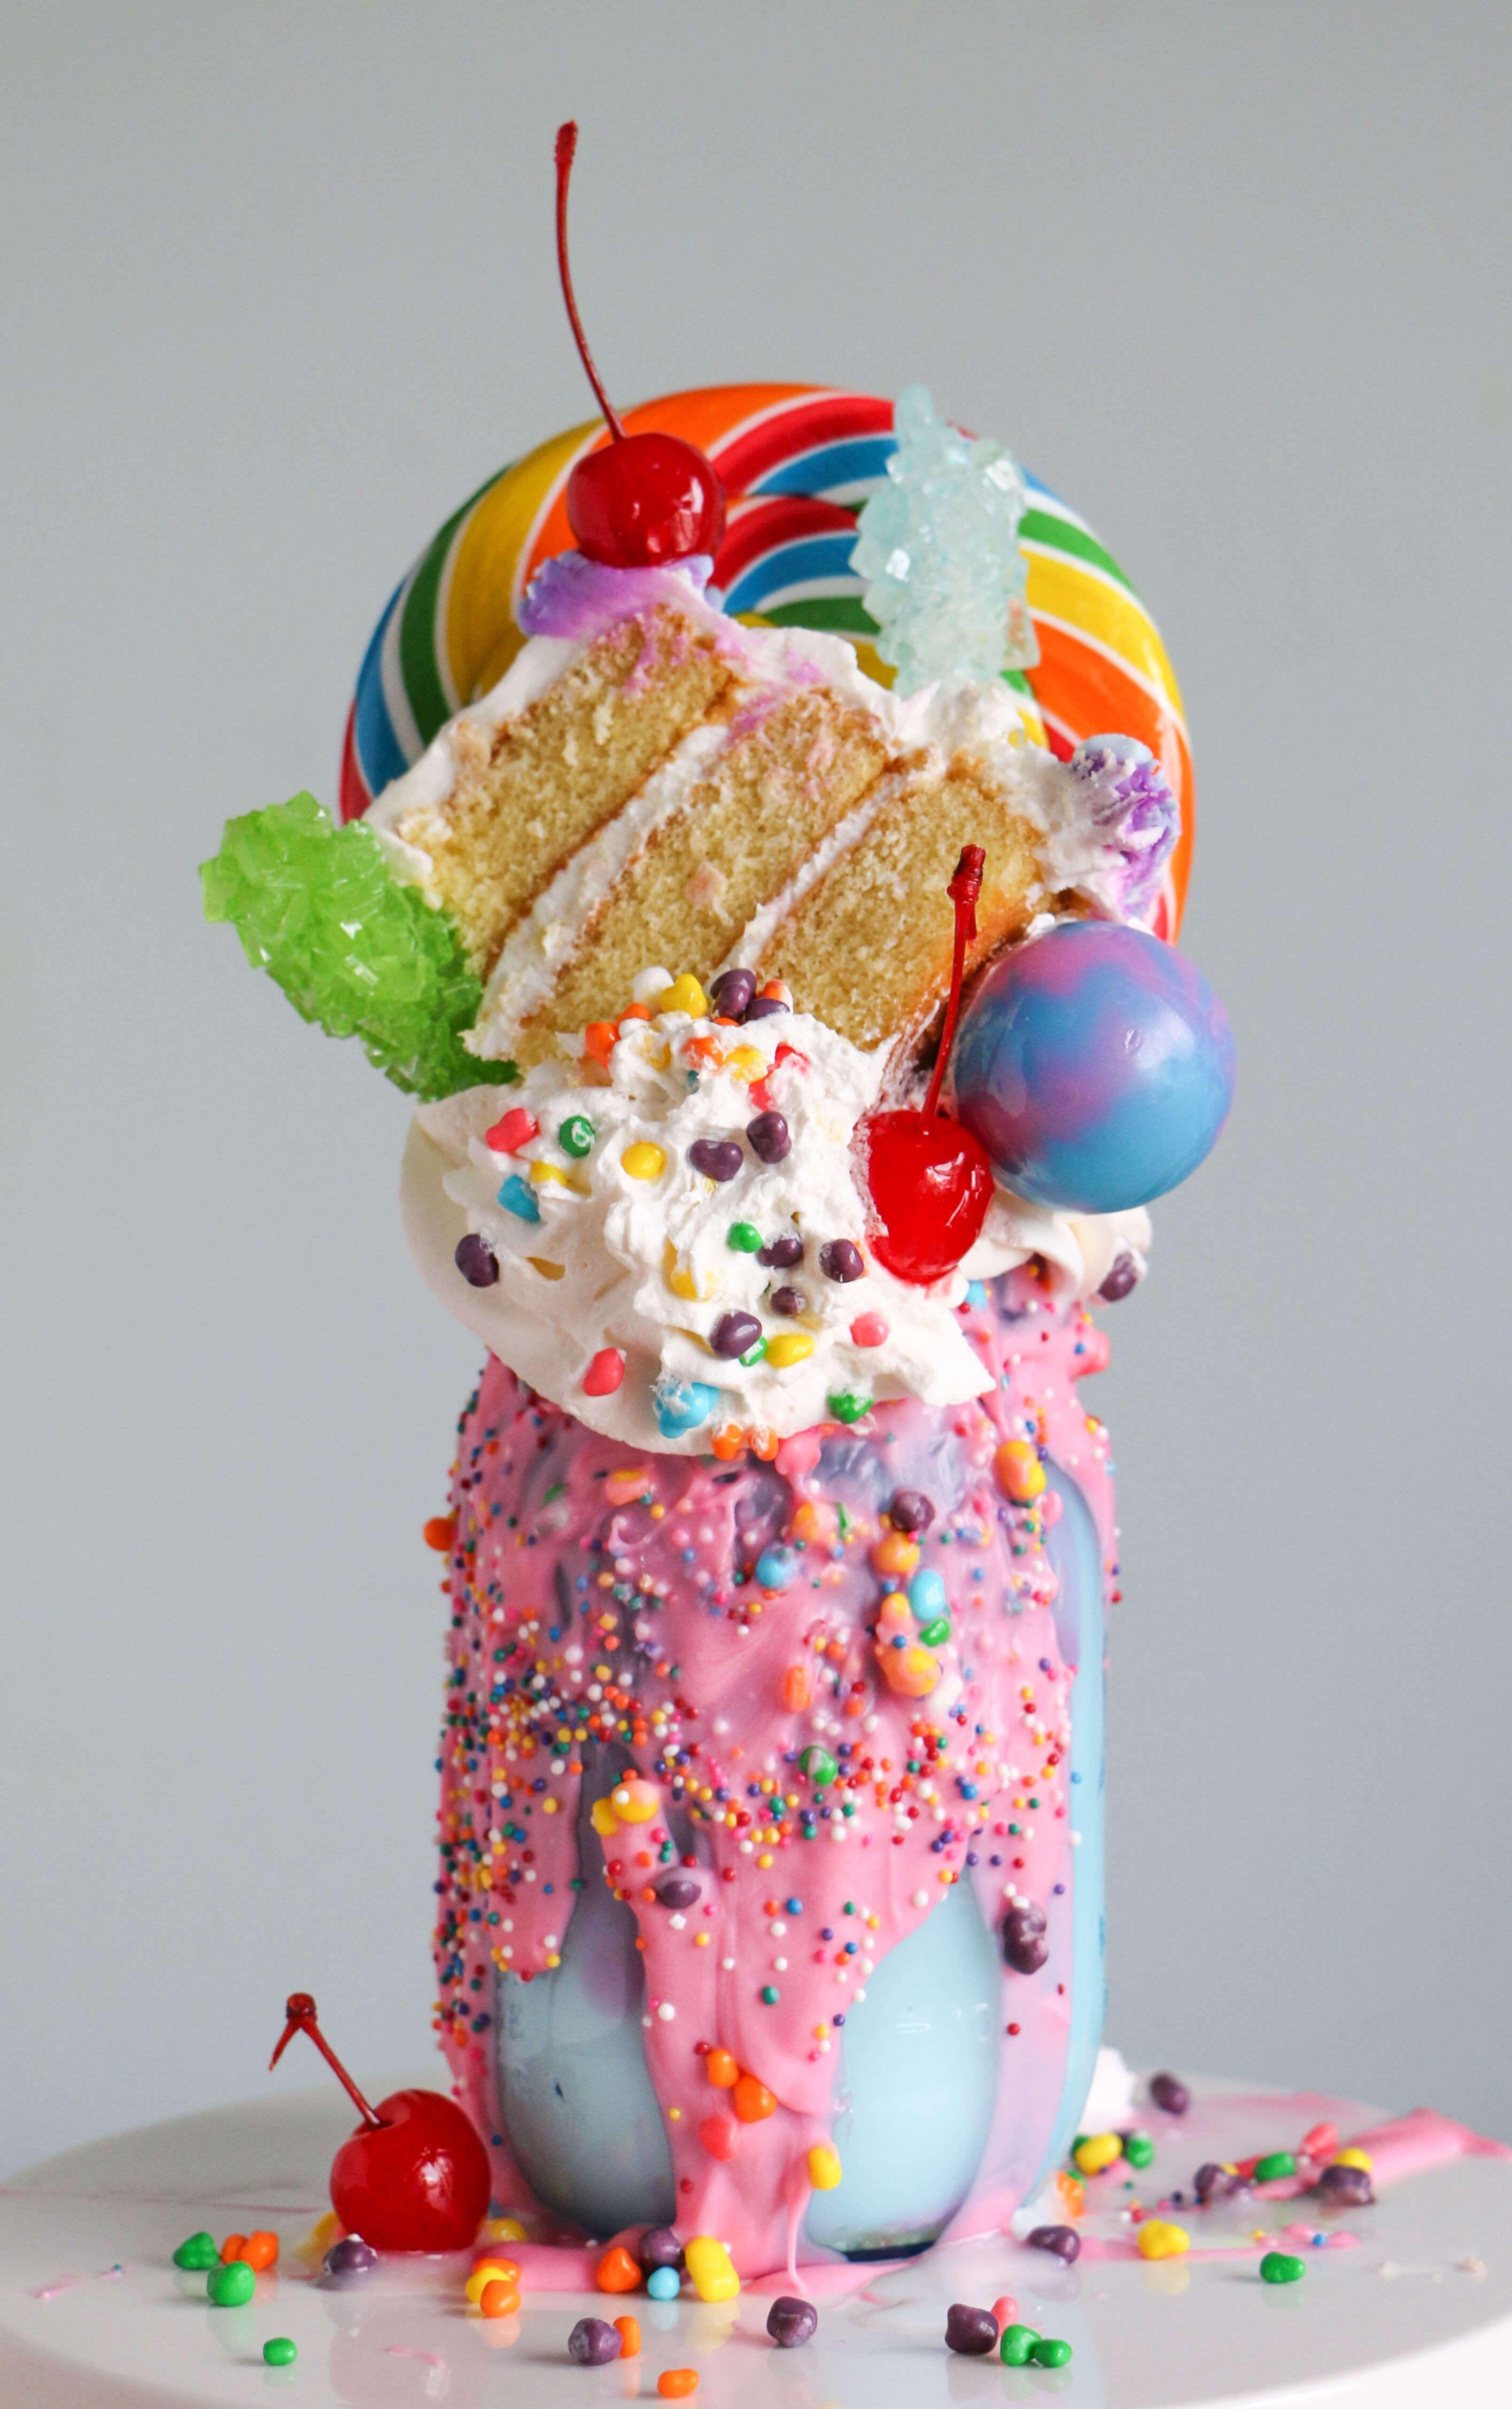 Birthday Cake Milkshake By Erin Bakes Via Craftsy